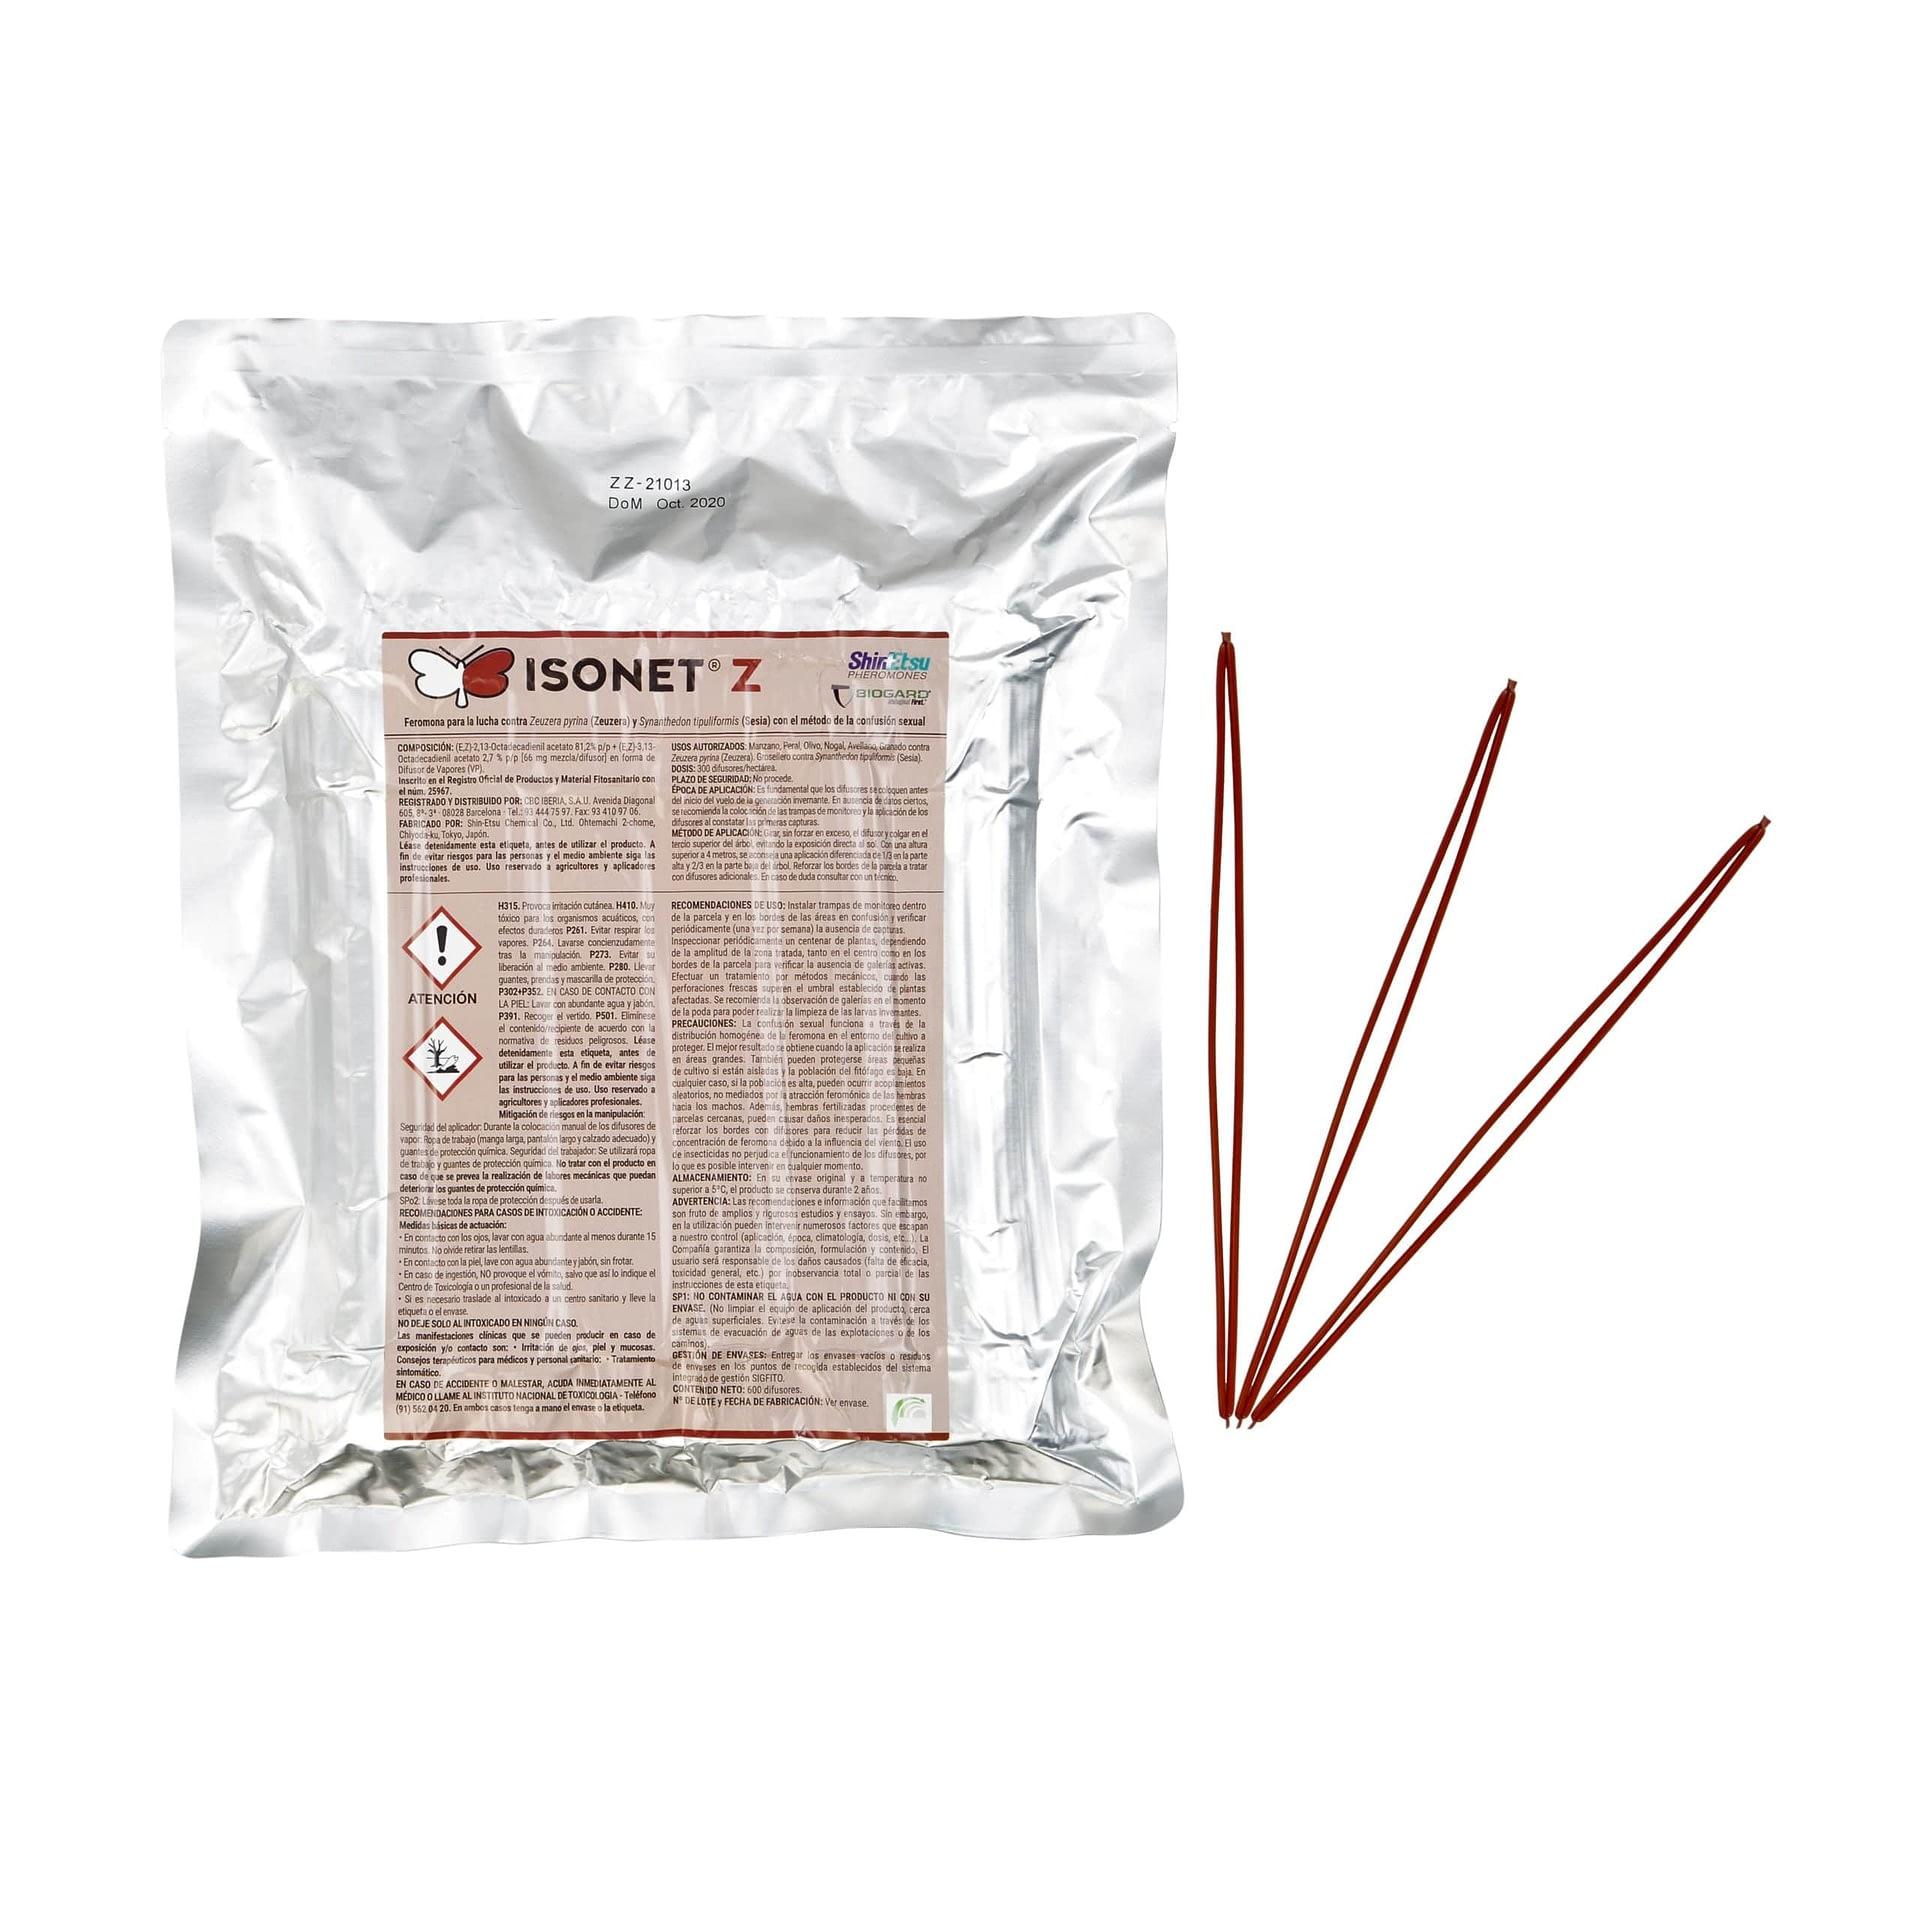 Biogard - Isonet® Z